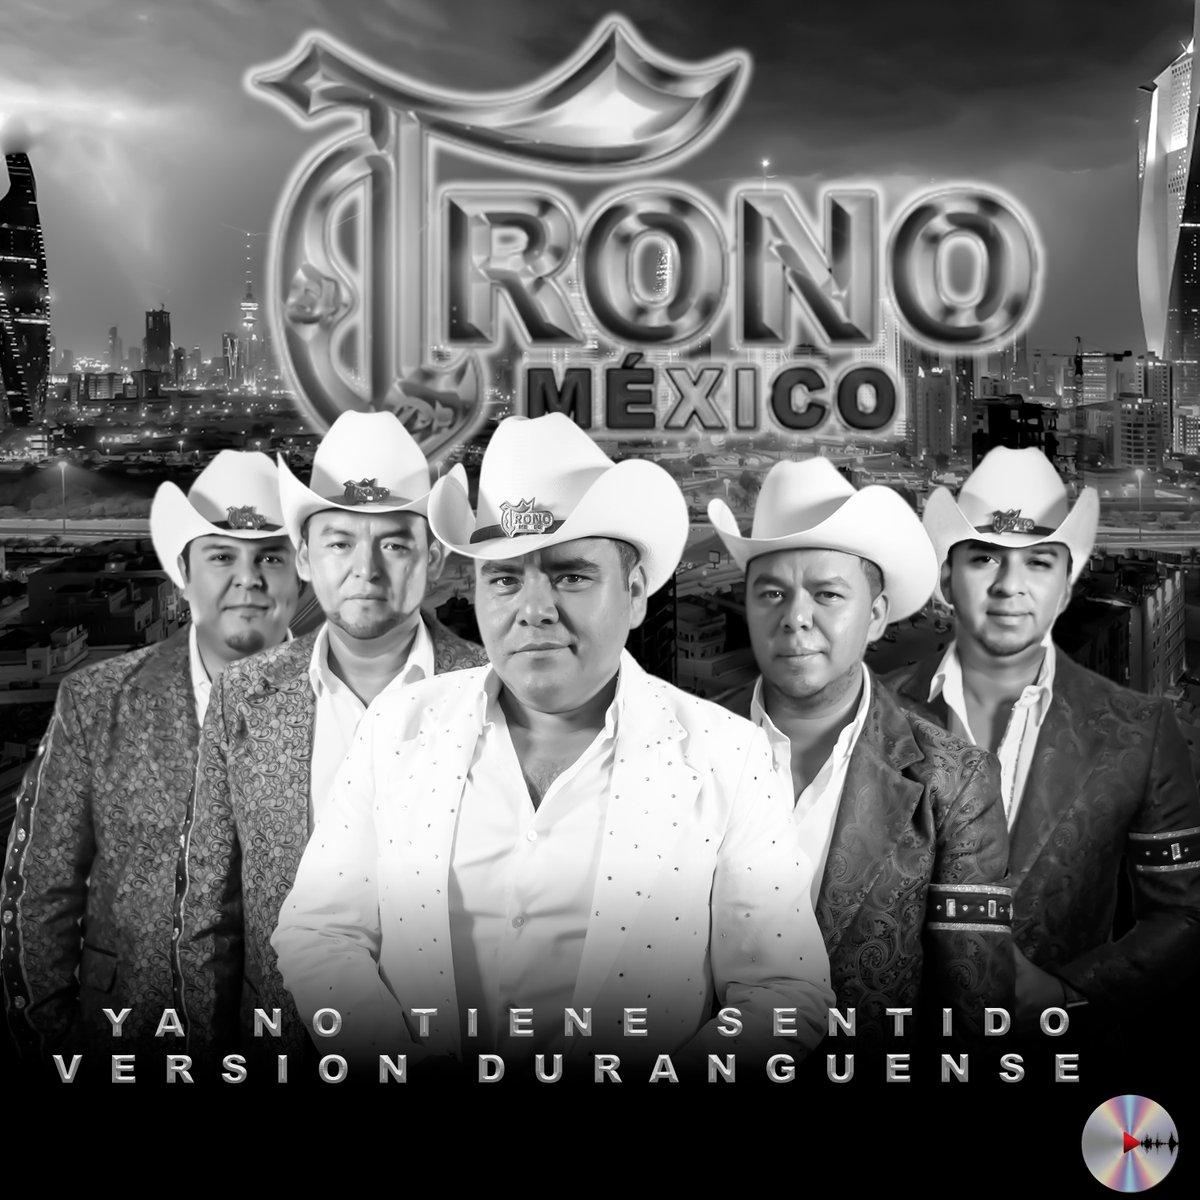 #MeQuedeEnShock cuando supe que no han escuchado la canción de @ElTronodeMexico versión #duranguense 😱😱😱  ▶️ https://t.co/YbkRPkIkz1 ◀️ 🎶🔥🤠 https://t.co/Qw84aXGFcg